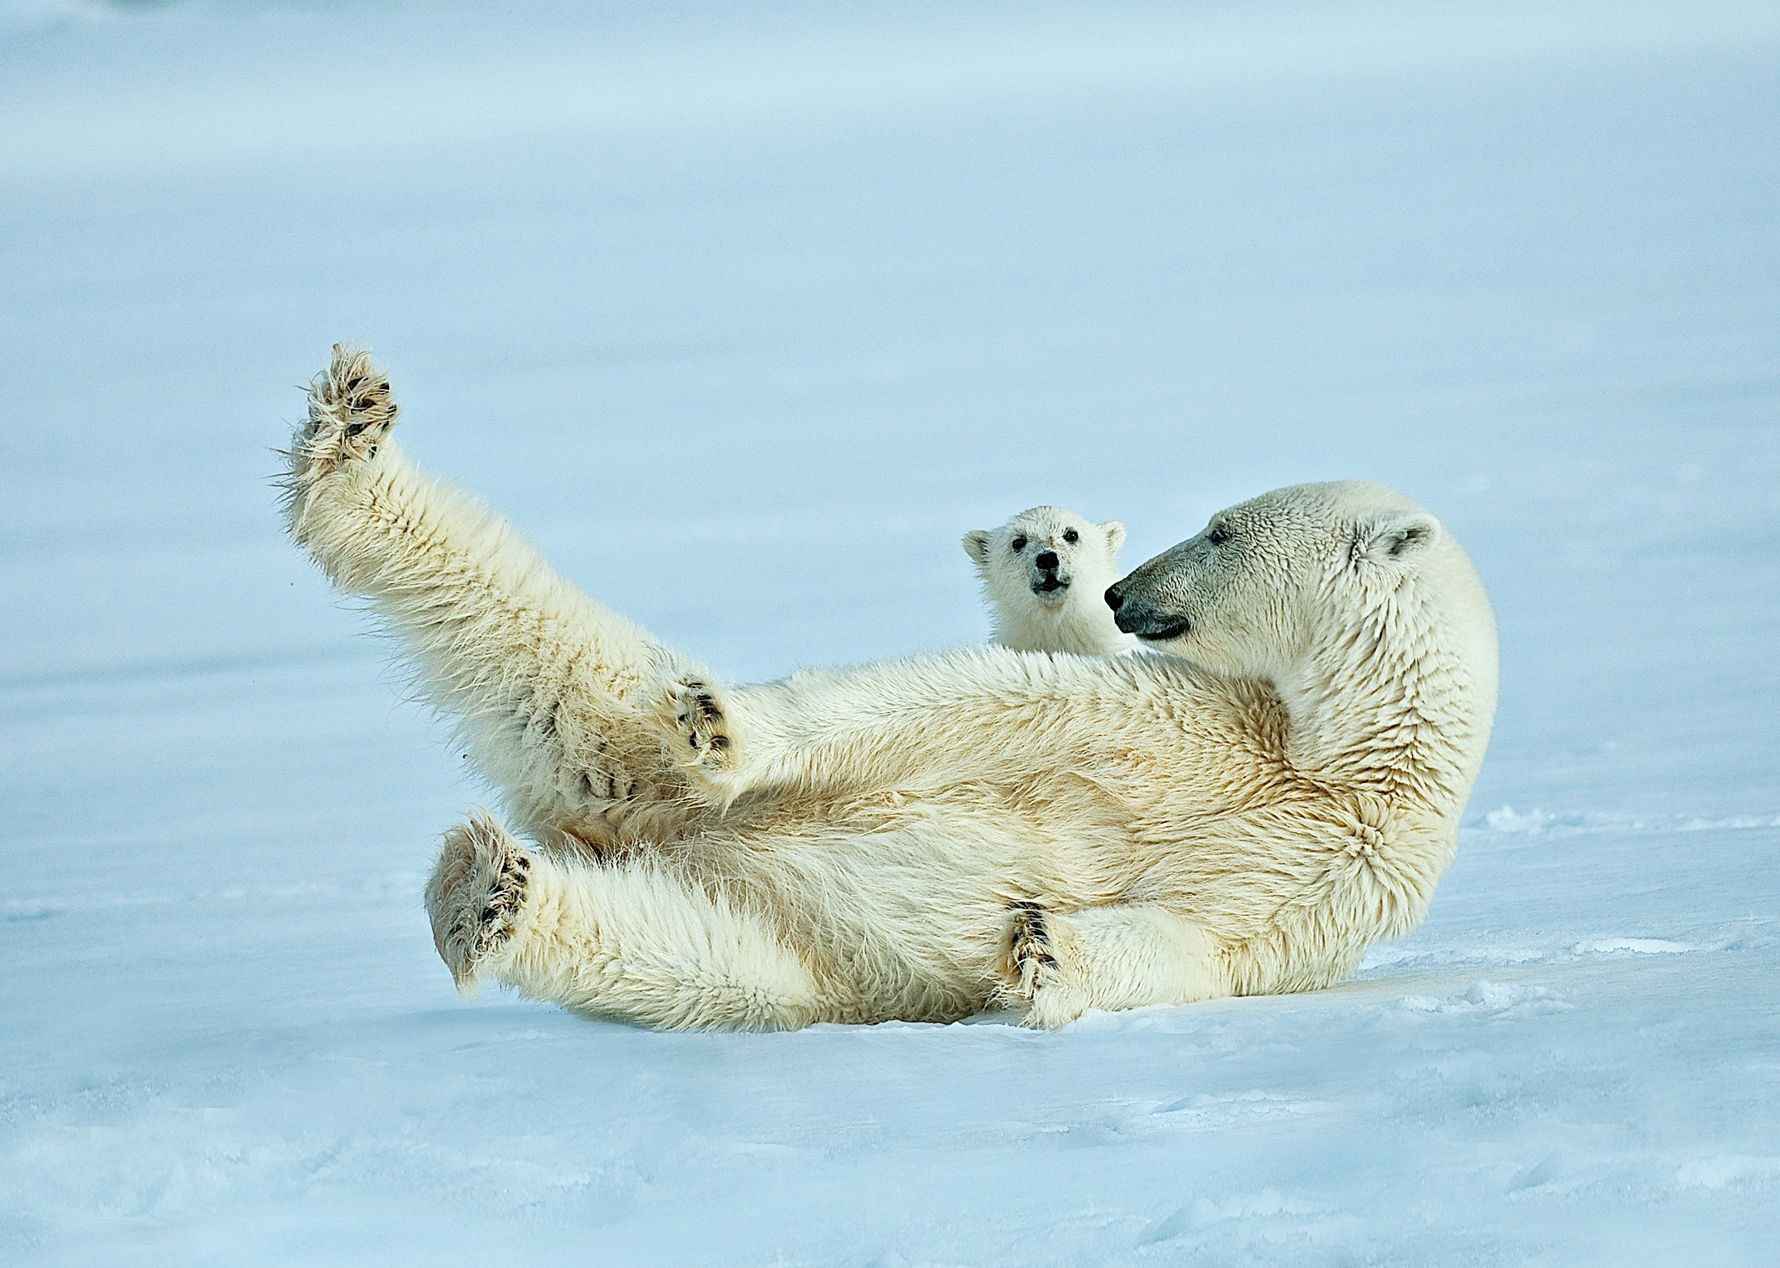 FLERE ISBJØRN ENN MENNESKER: På Svalbard er det over 3000 isbjørn og 2200 innbyggere.